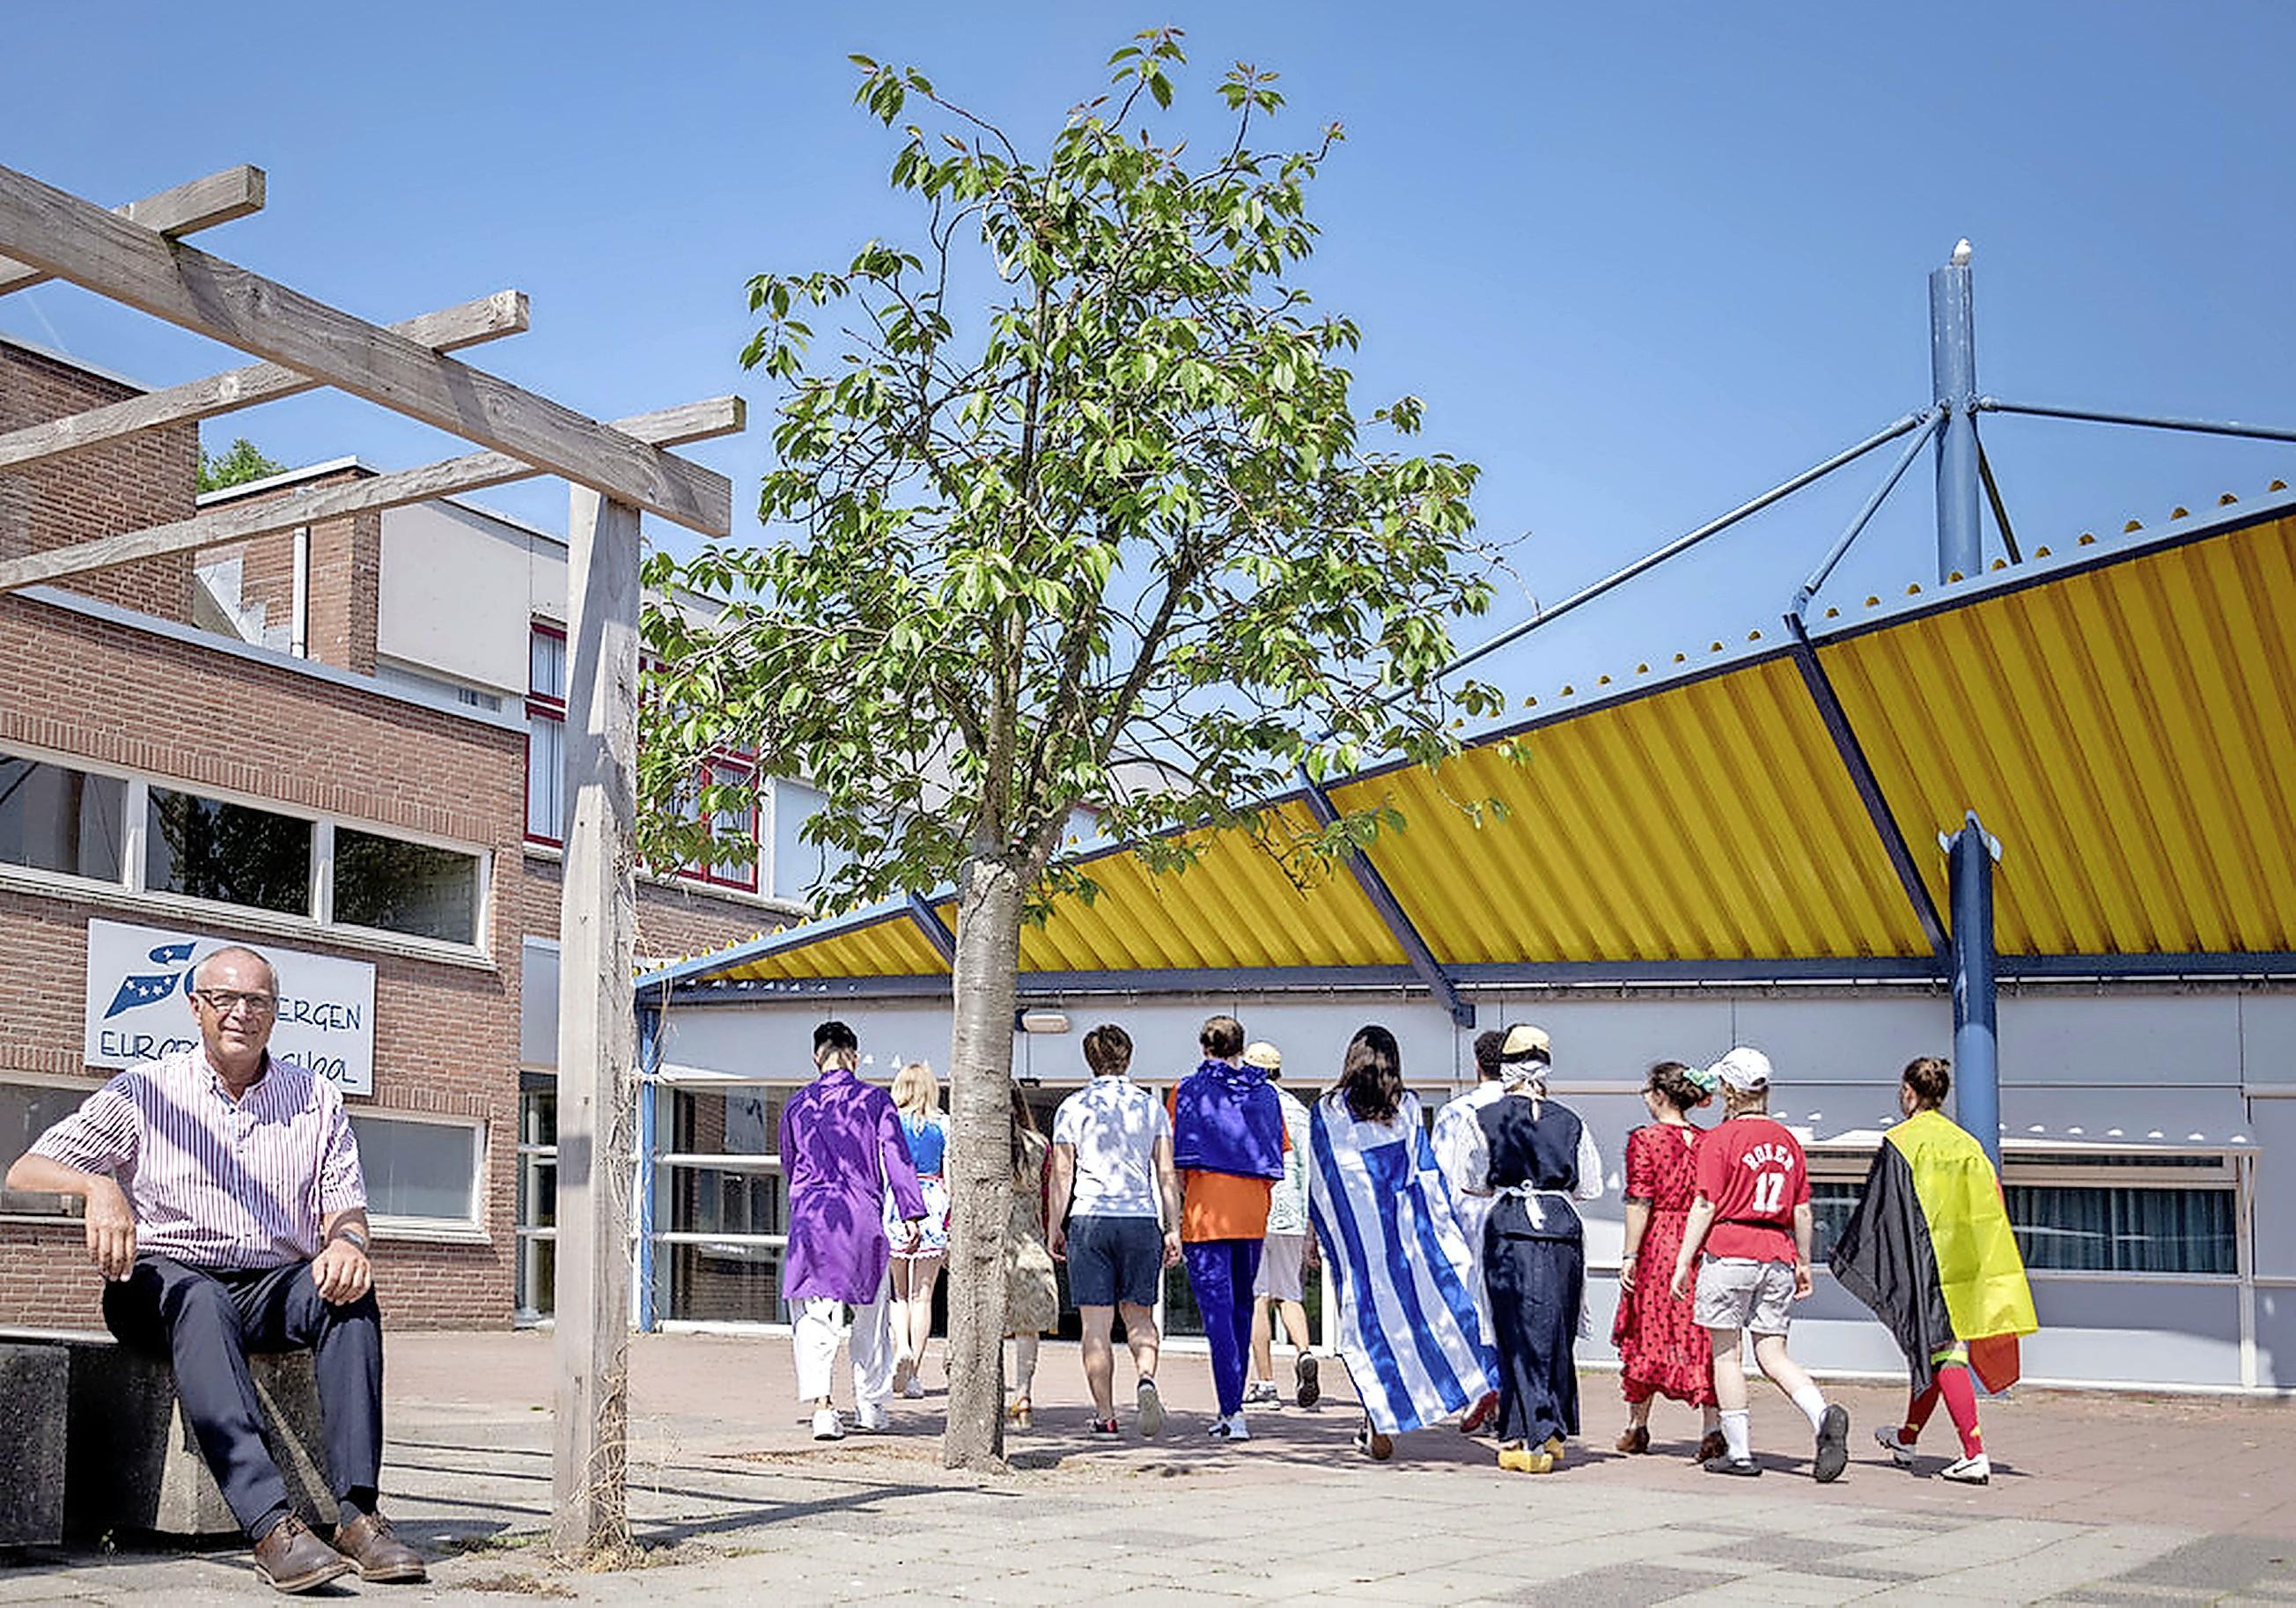 Er werd al een leerlinge aangereden. Omwonenden en de Europese School zijn ernstig bezorgd om het bouwverkeer en de verkeersplannen van de gemeente Bergen